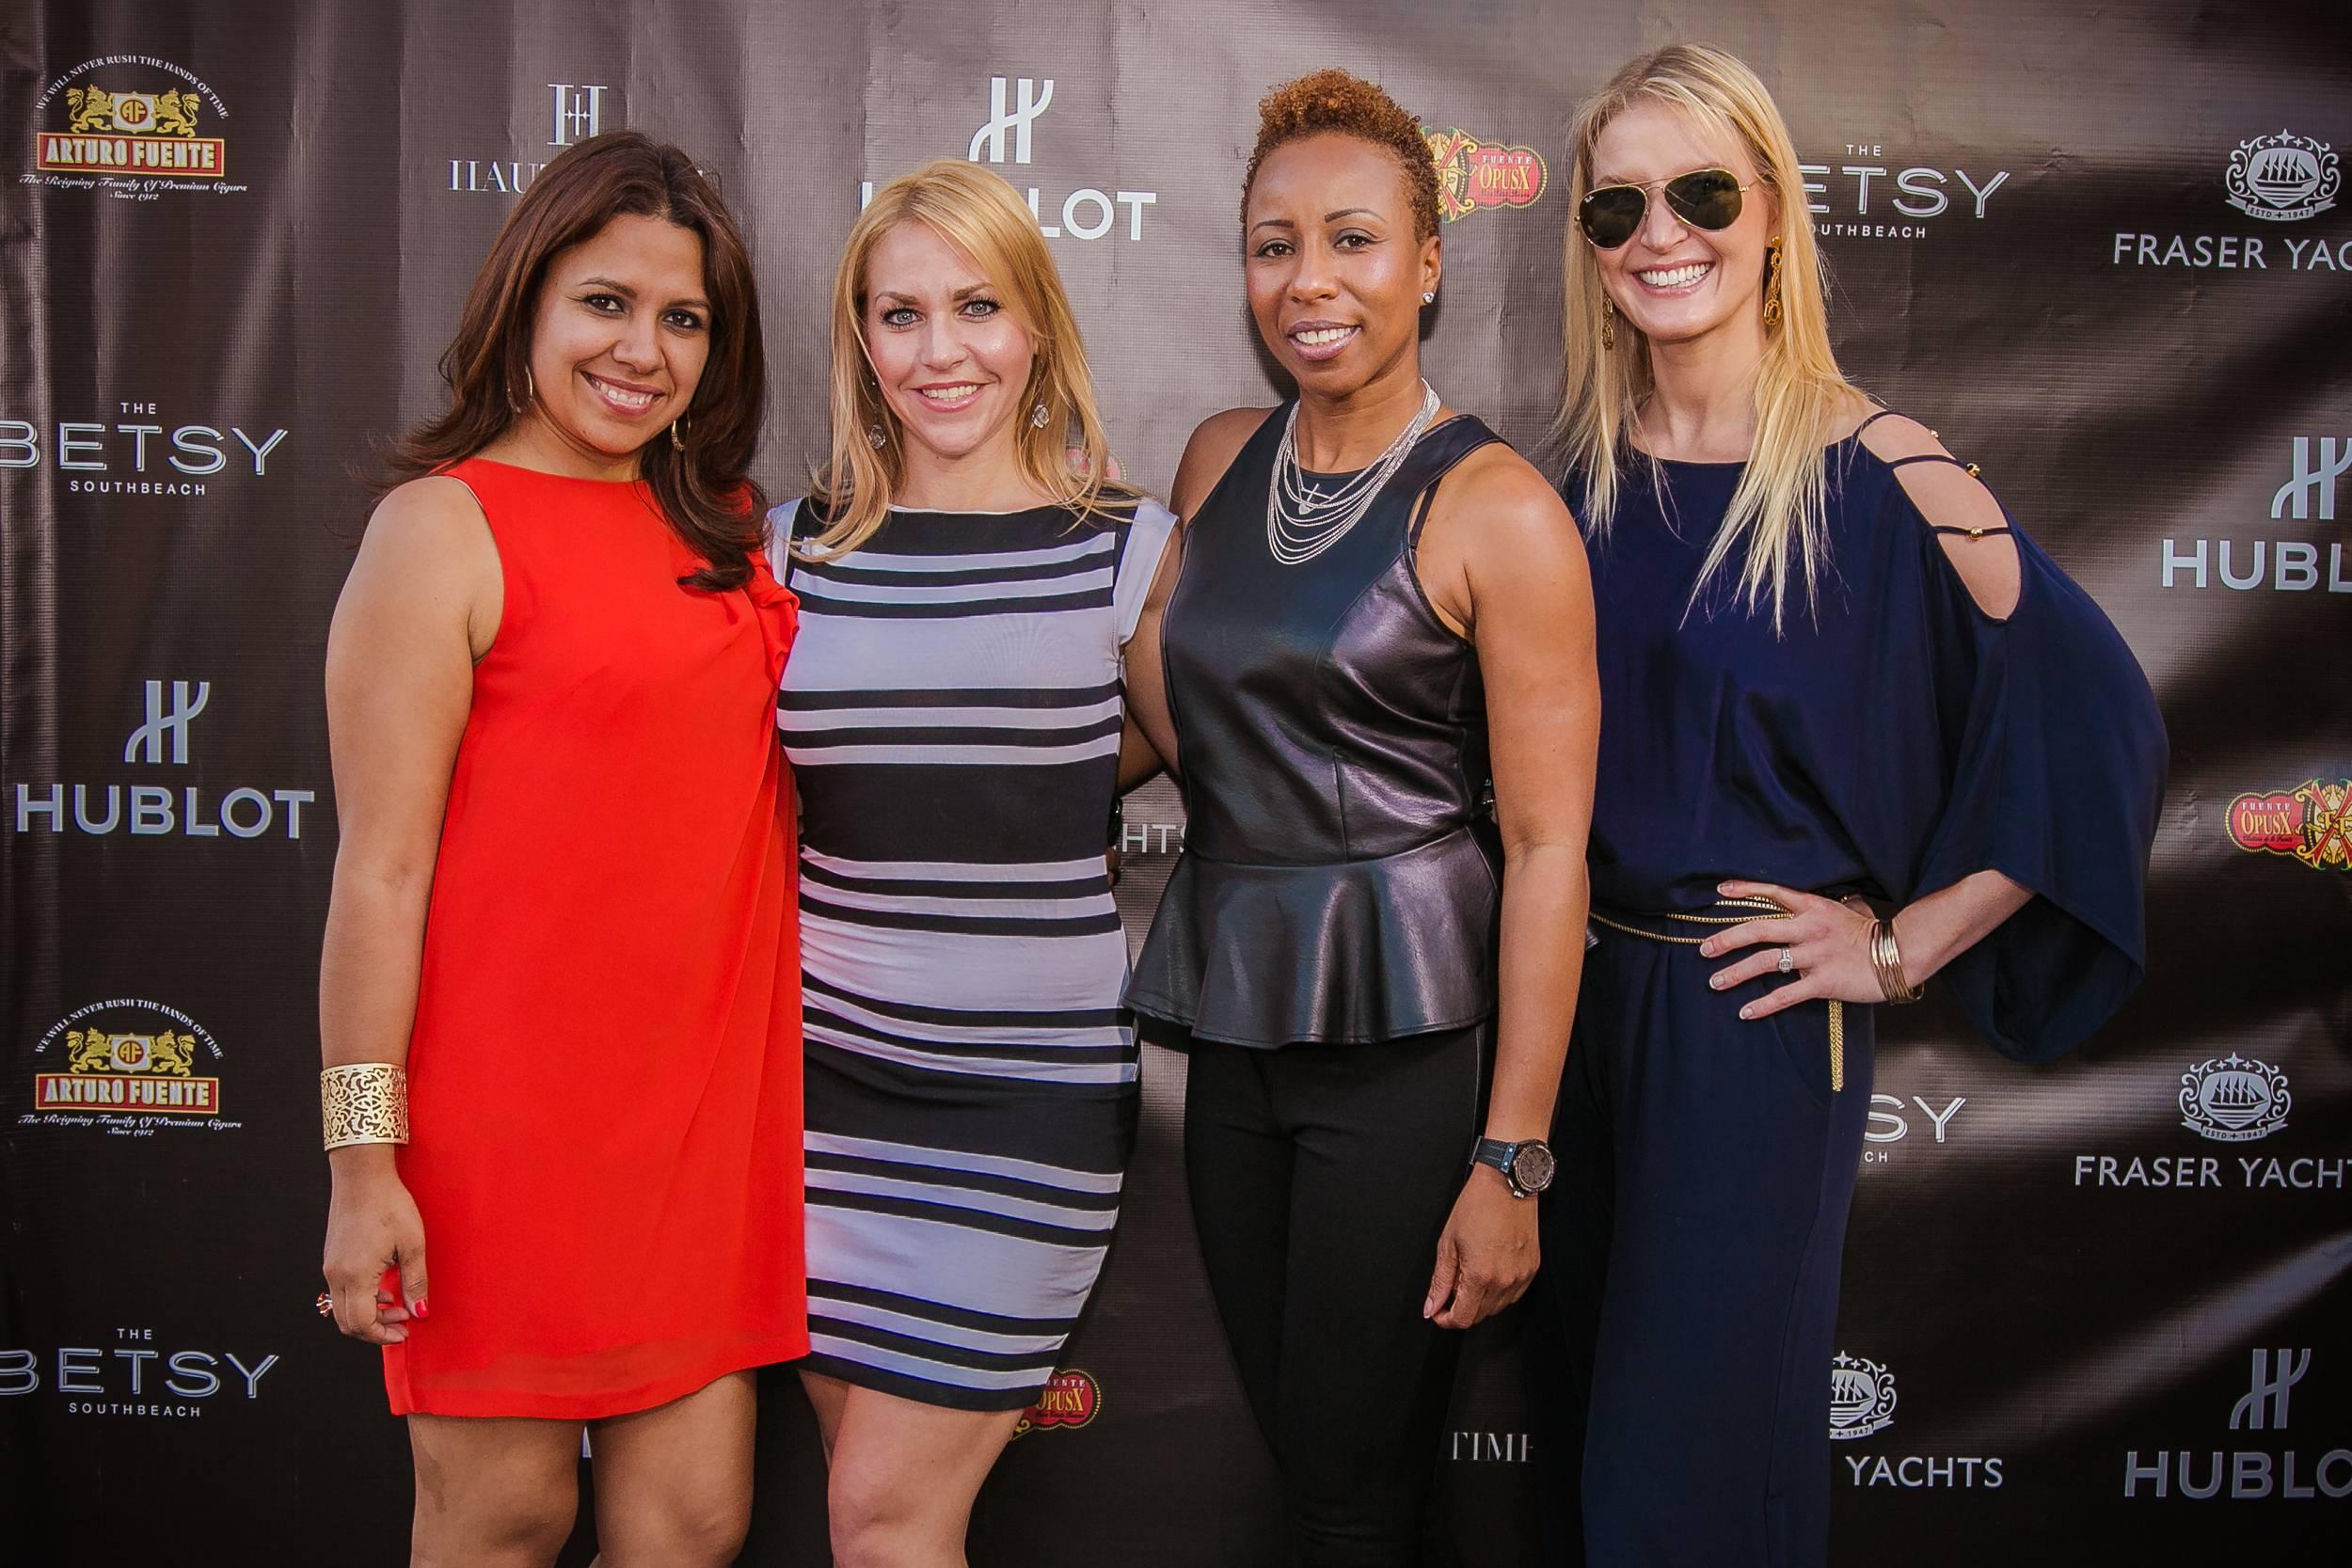 Soraya Ramirez, w Hublot, Nicole Kasak, w Mogul PR, Marva Bradshaw, w Hublot, and Kari Webber w Fraser Yachts